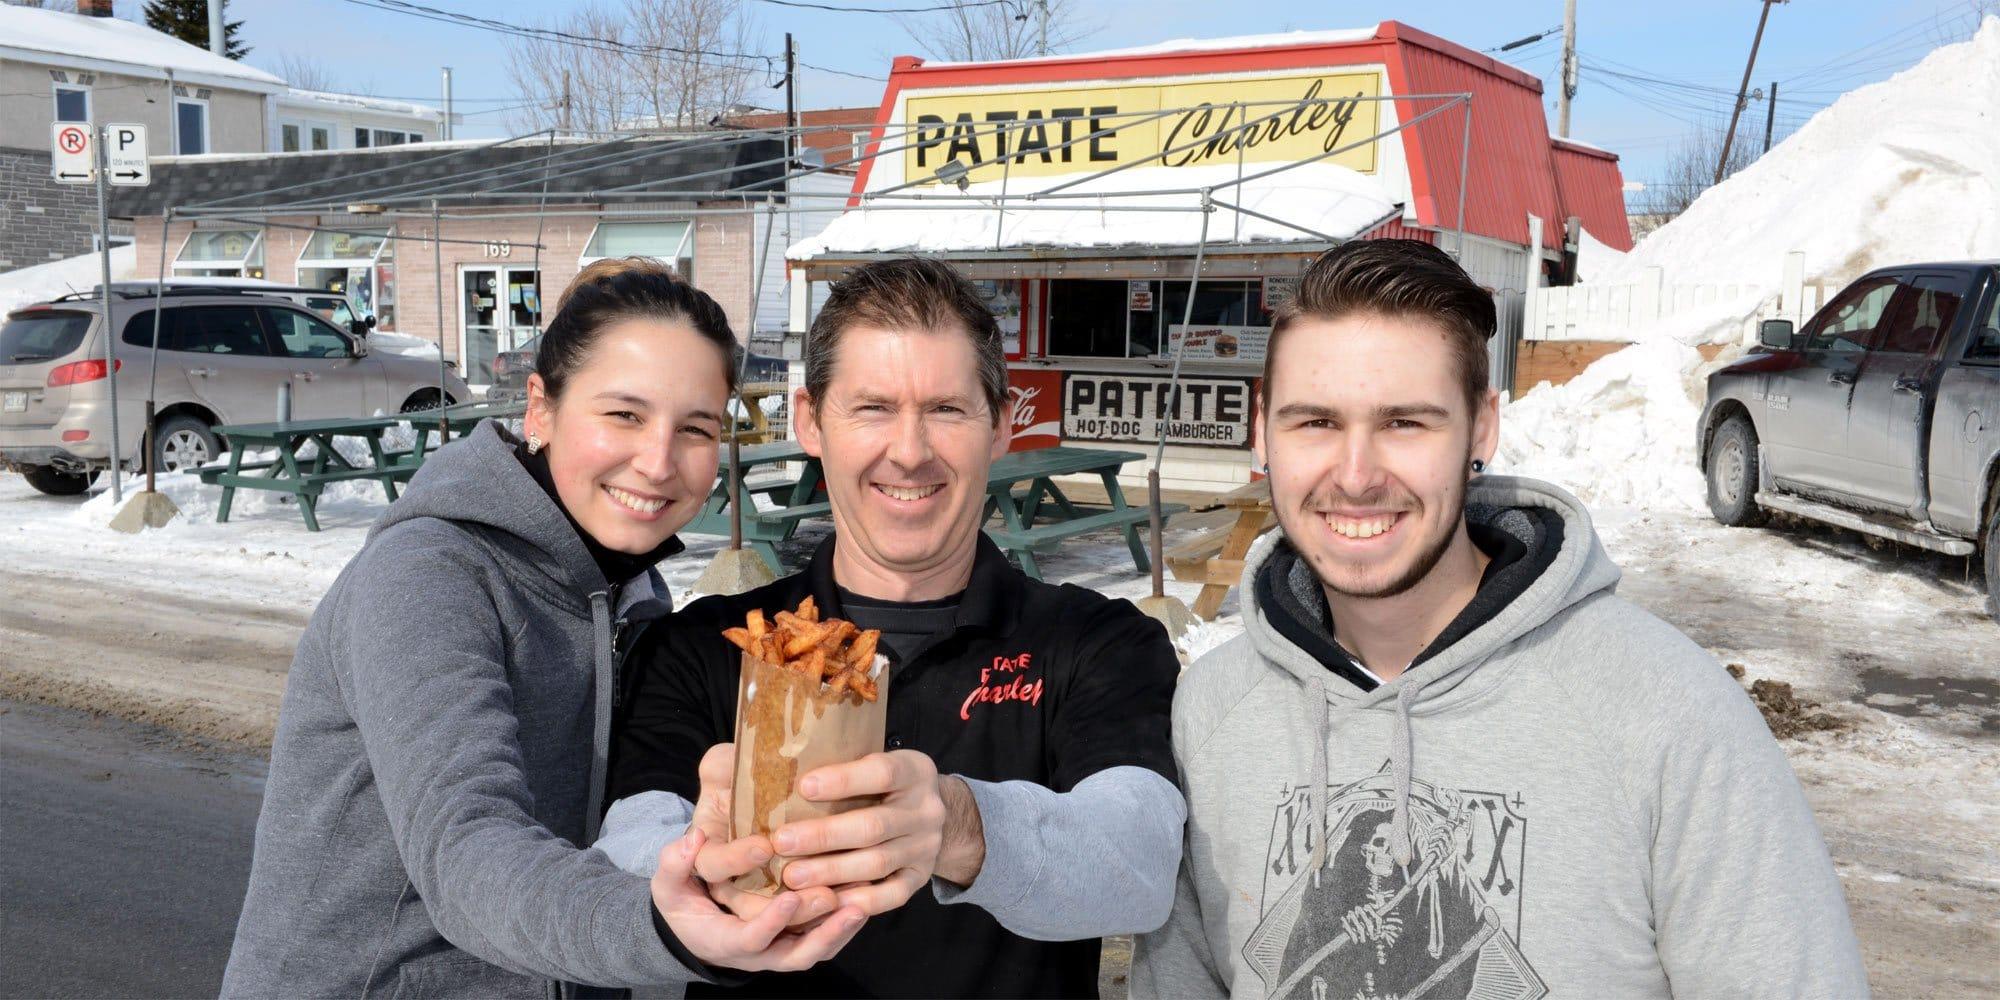 Le trio qui amorce sa saison de friture sur la rue Bélanger: Vanessa Kempffer, Alain Poirier et Jonathan Geoffroy. Photo par André Bernier